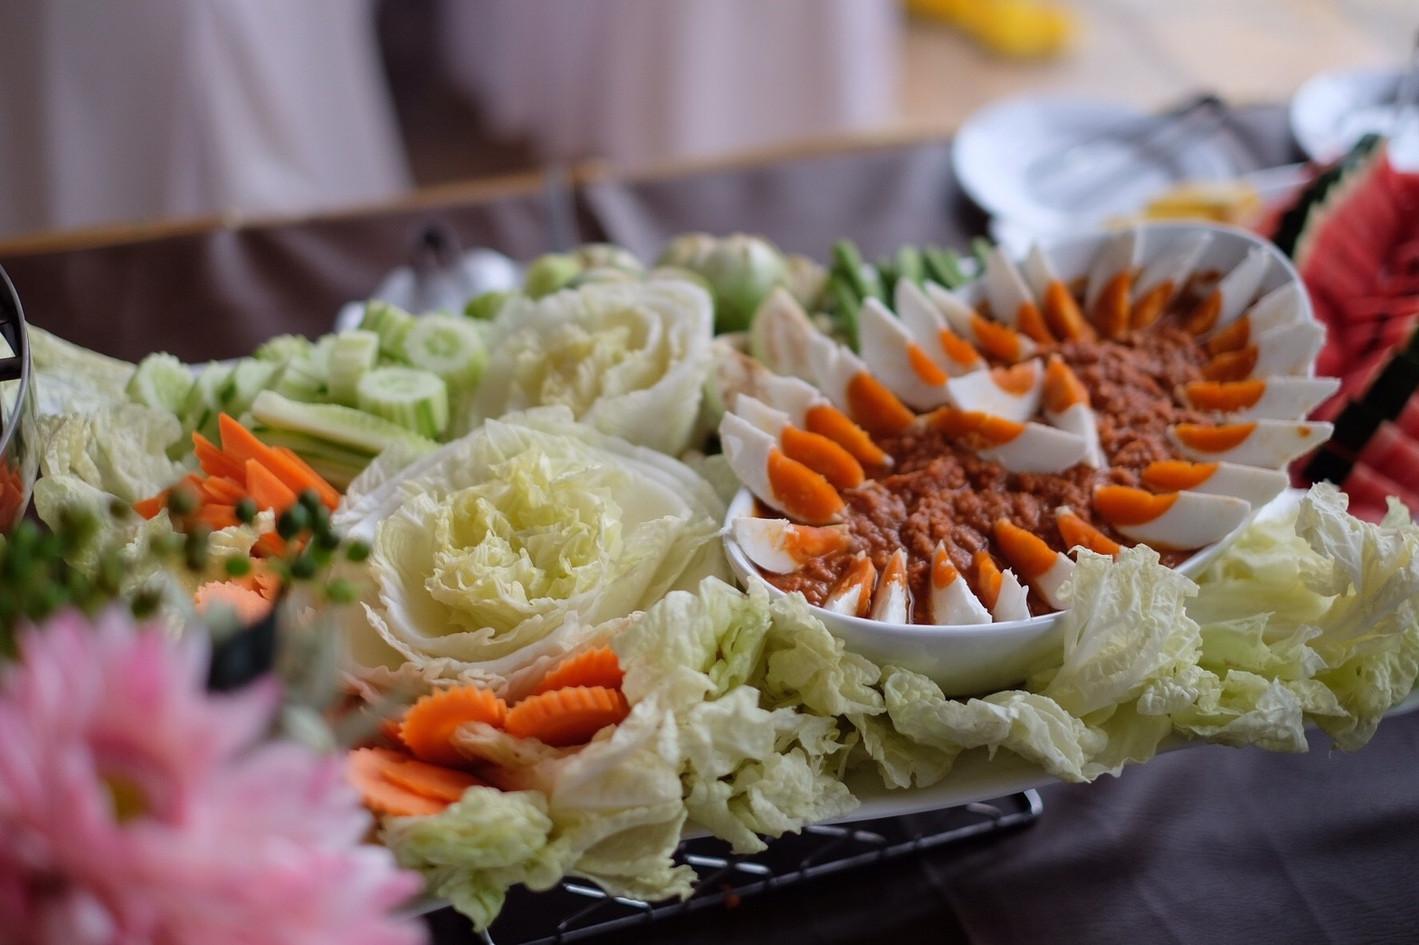 รูปอาหาร ของวันทำบุญ_๑๘๐๘๐๘_0097.jpg